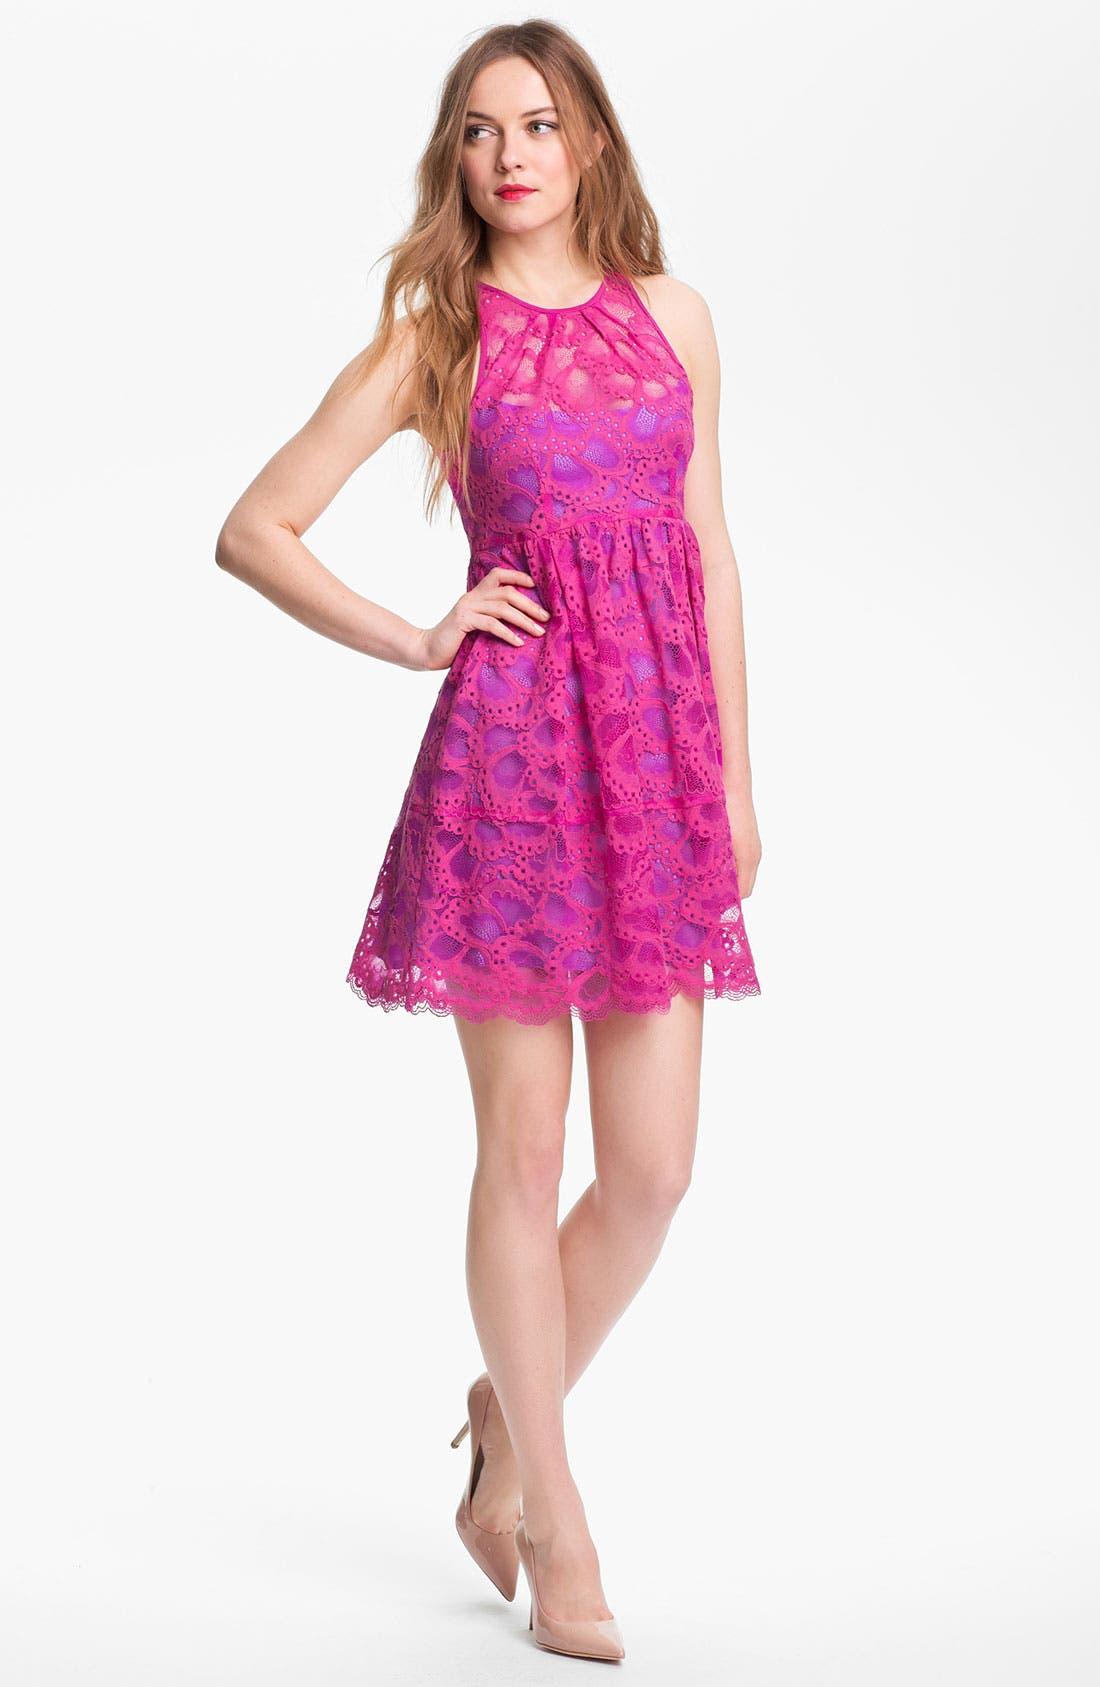 Alternate Image 1 Selected - Nanette Lepore 'Secret Escape' Cotton Blend A-Line Dress